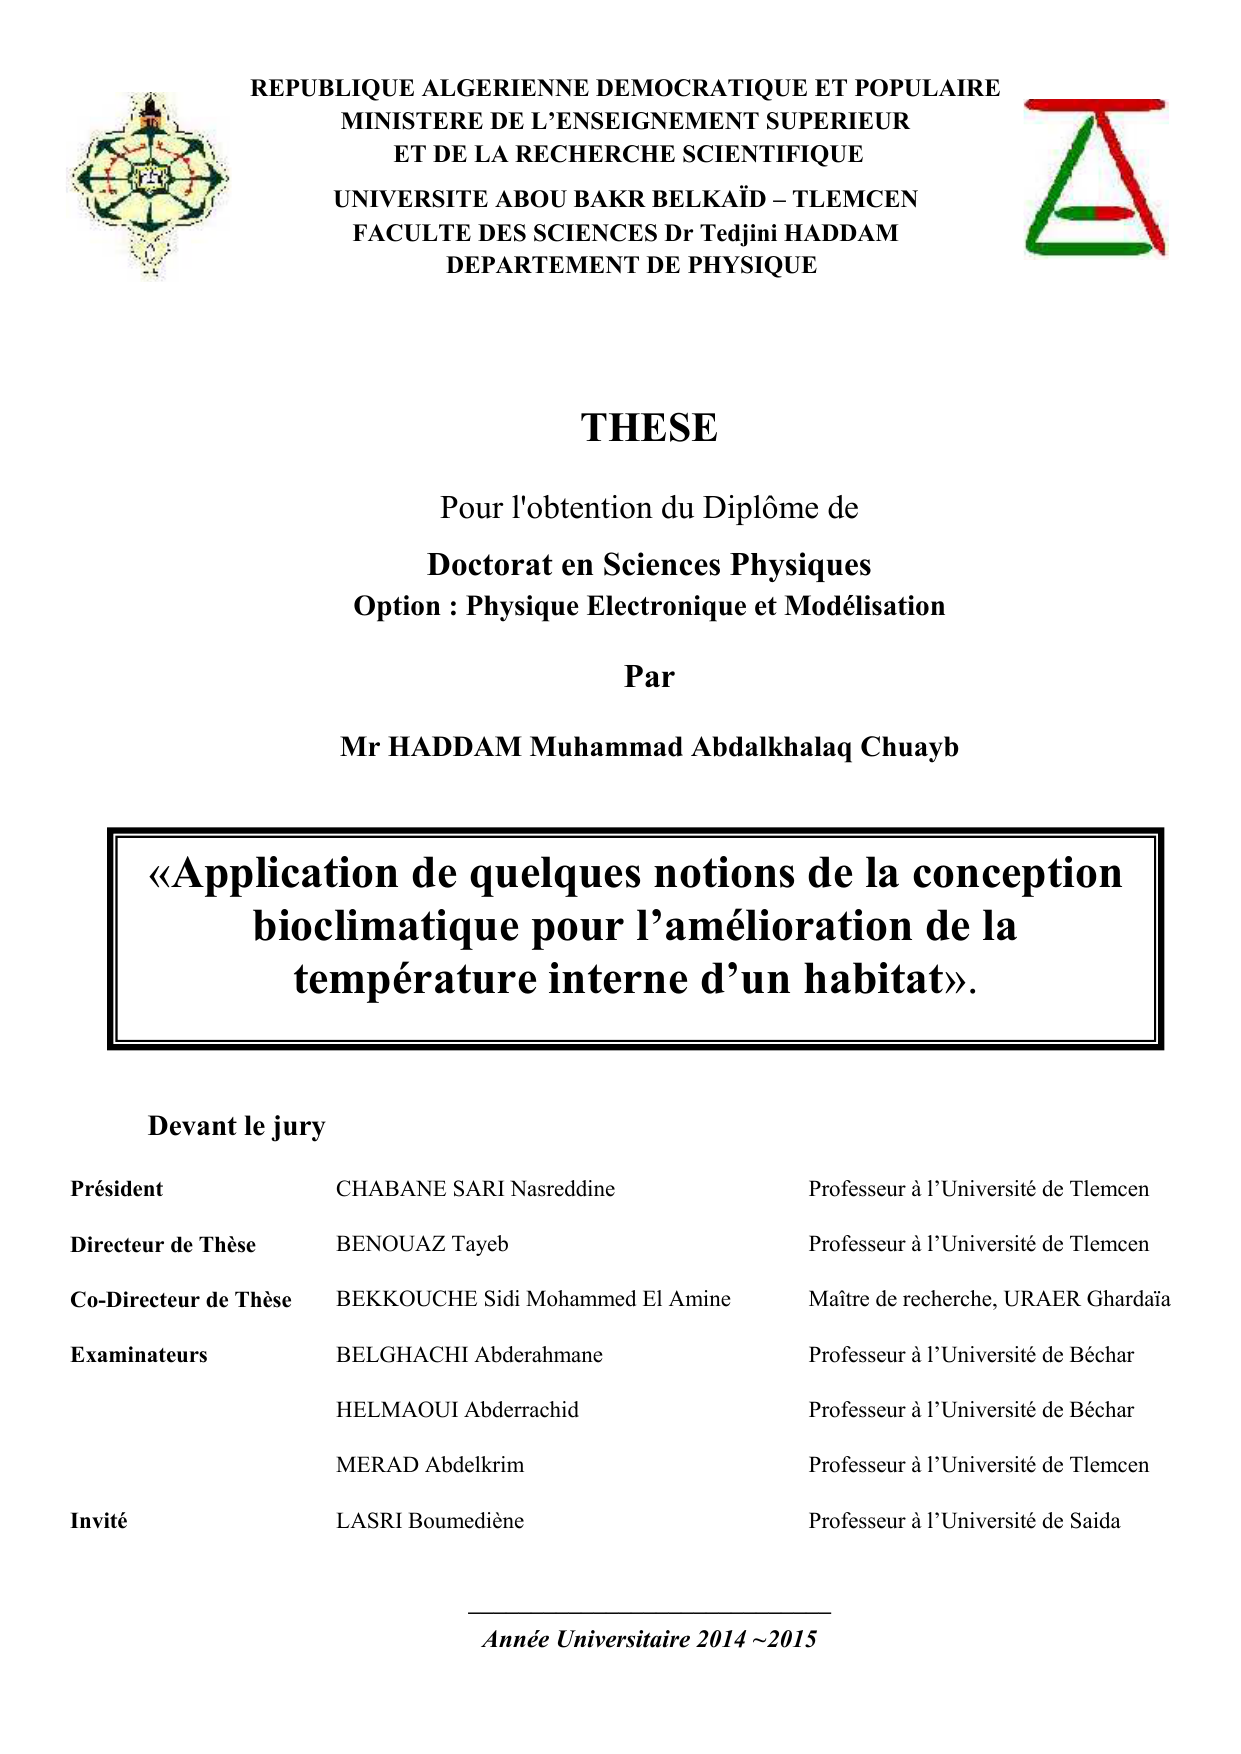 Application De Quelques Notions De La Conception Bioclimatique Pour